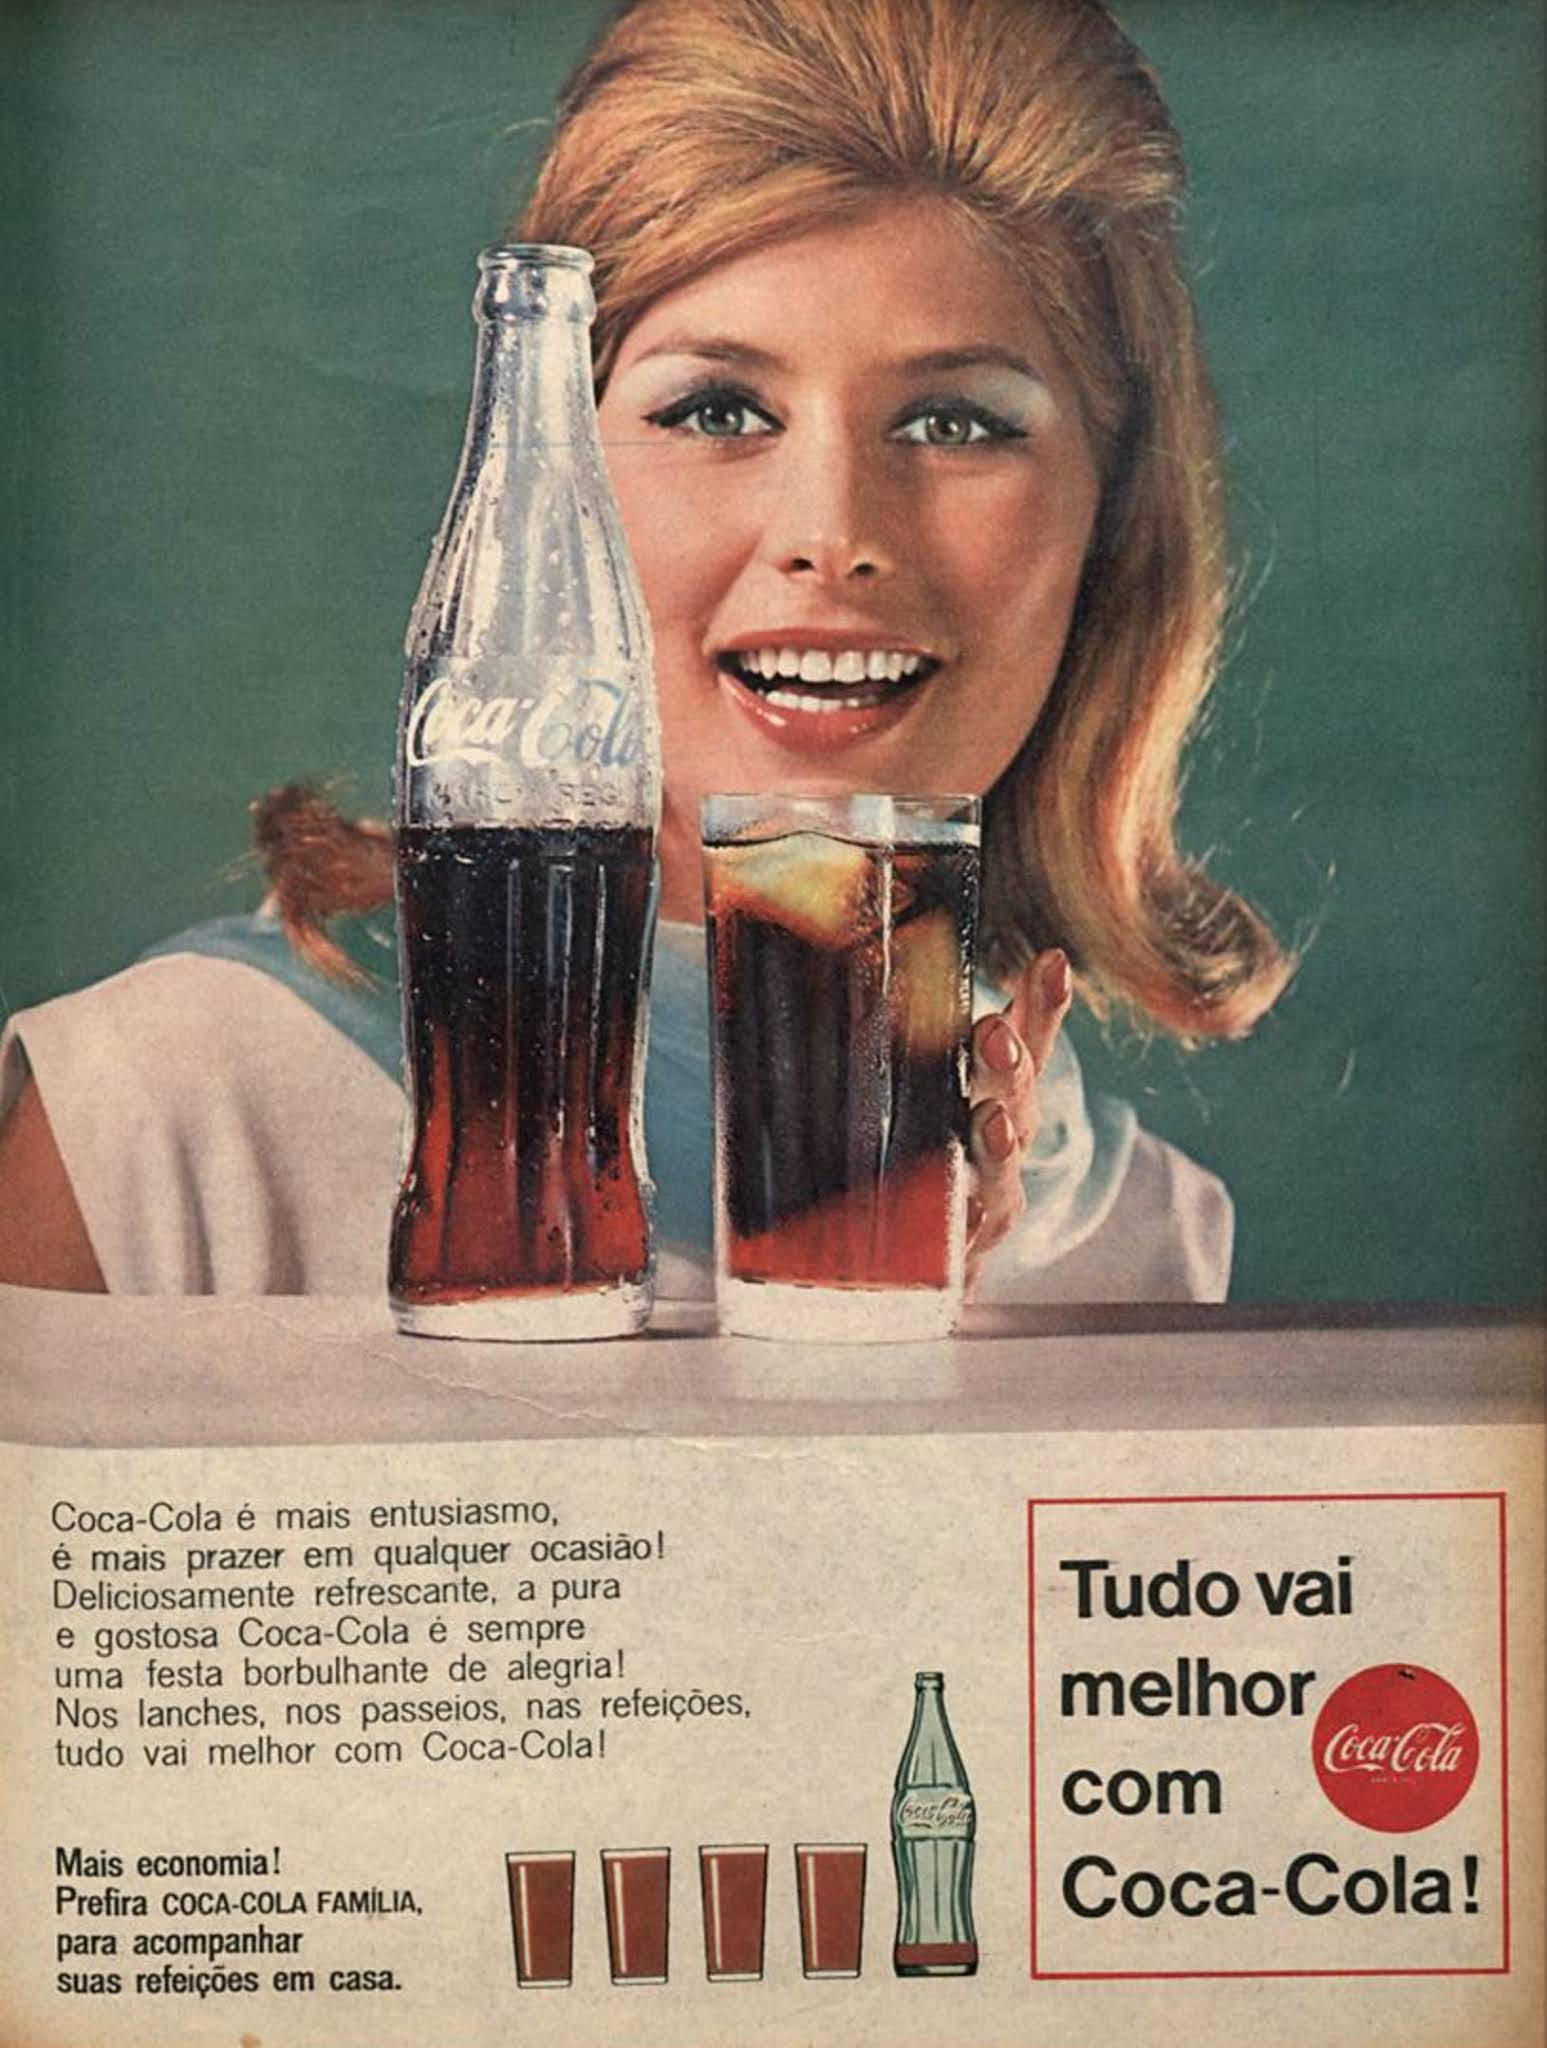 Anúncio antigo da Coca-Cola veiculado em revistas brasileiras em 1967